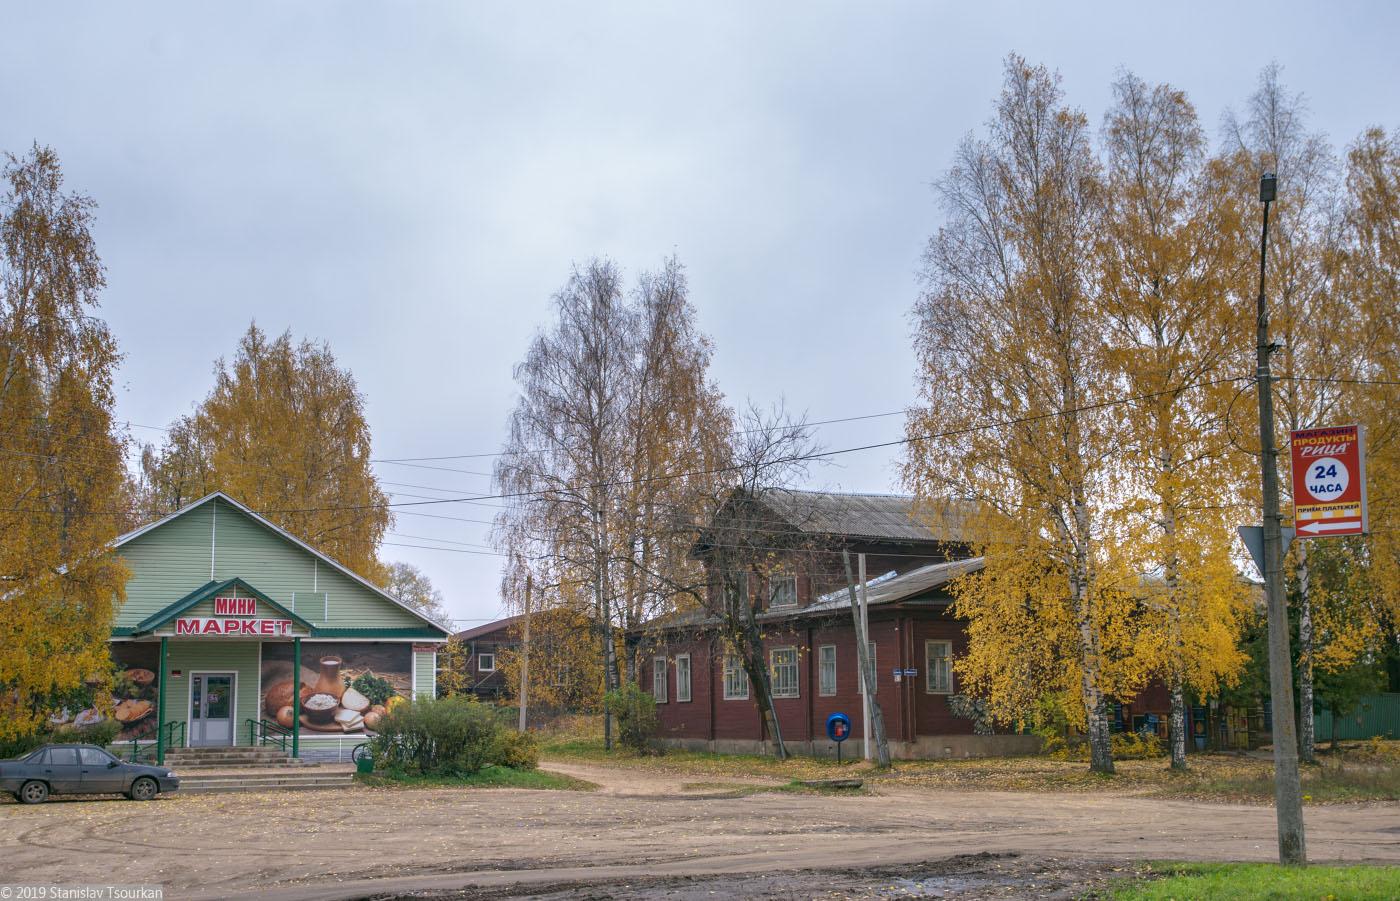 Весьегонск, Тверская область, улица Карла Маркса, круглосуточный магазин, магазин, 24